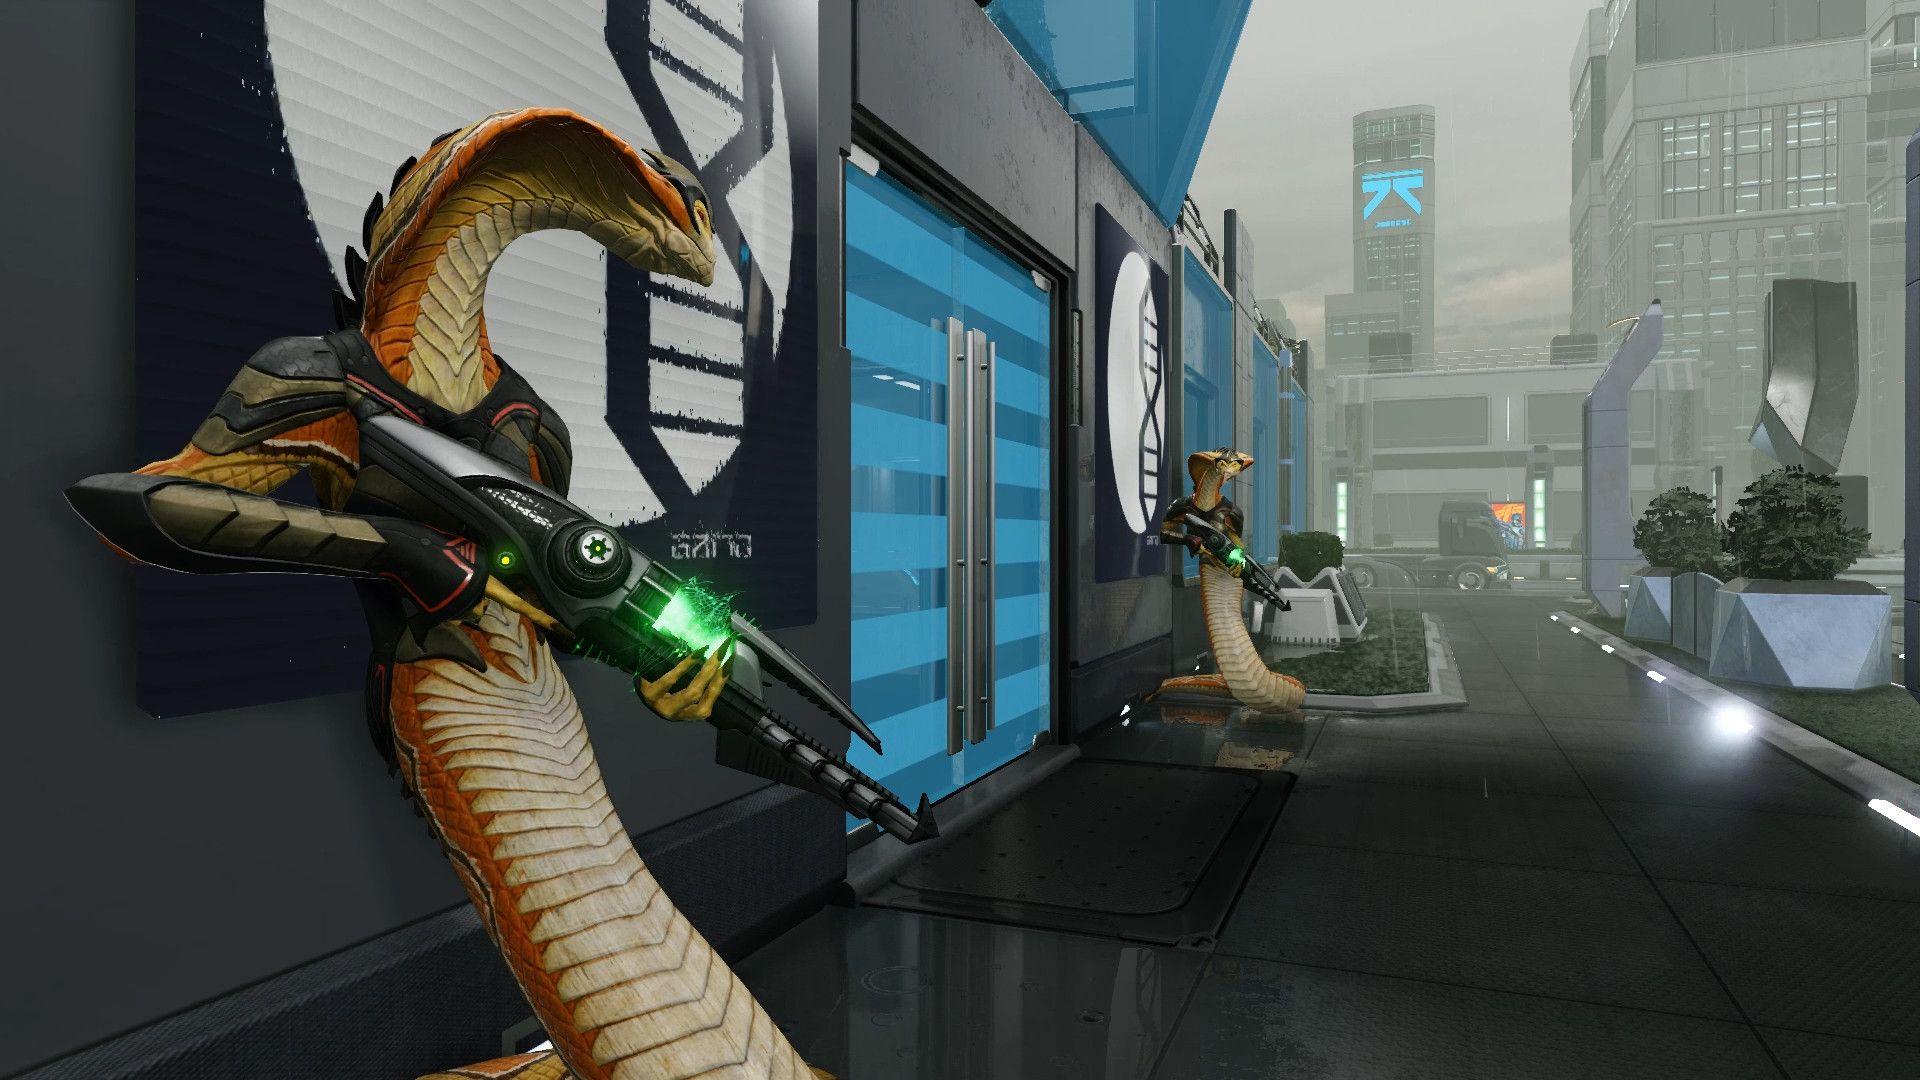 FR - XCOM 2: Long War 2 Mod Adds New Missions on P